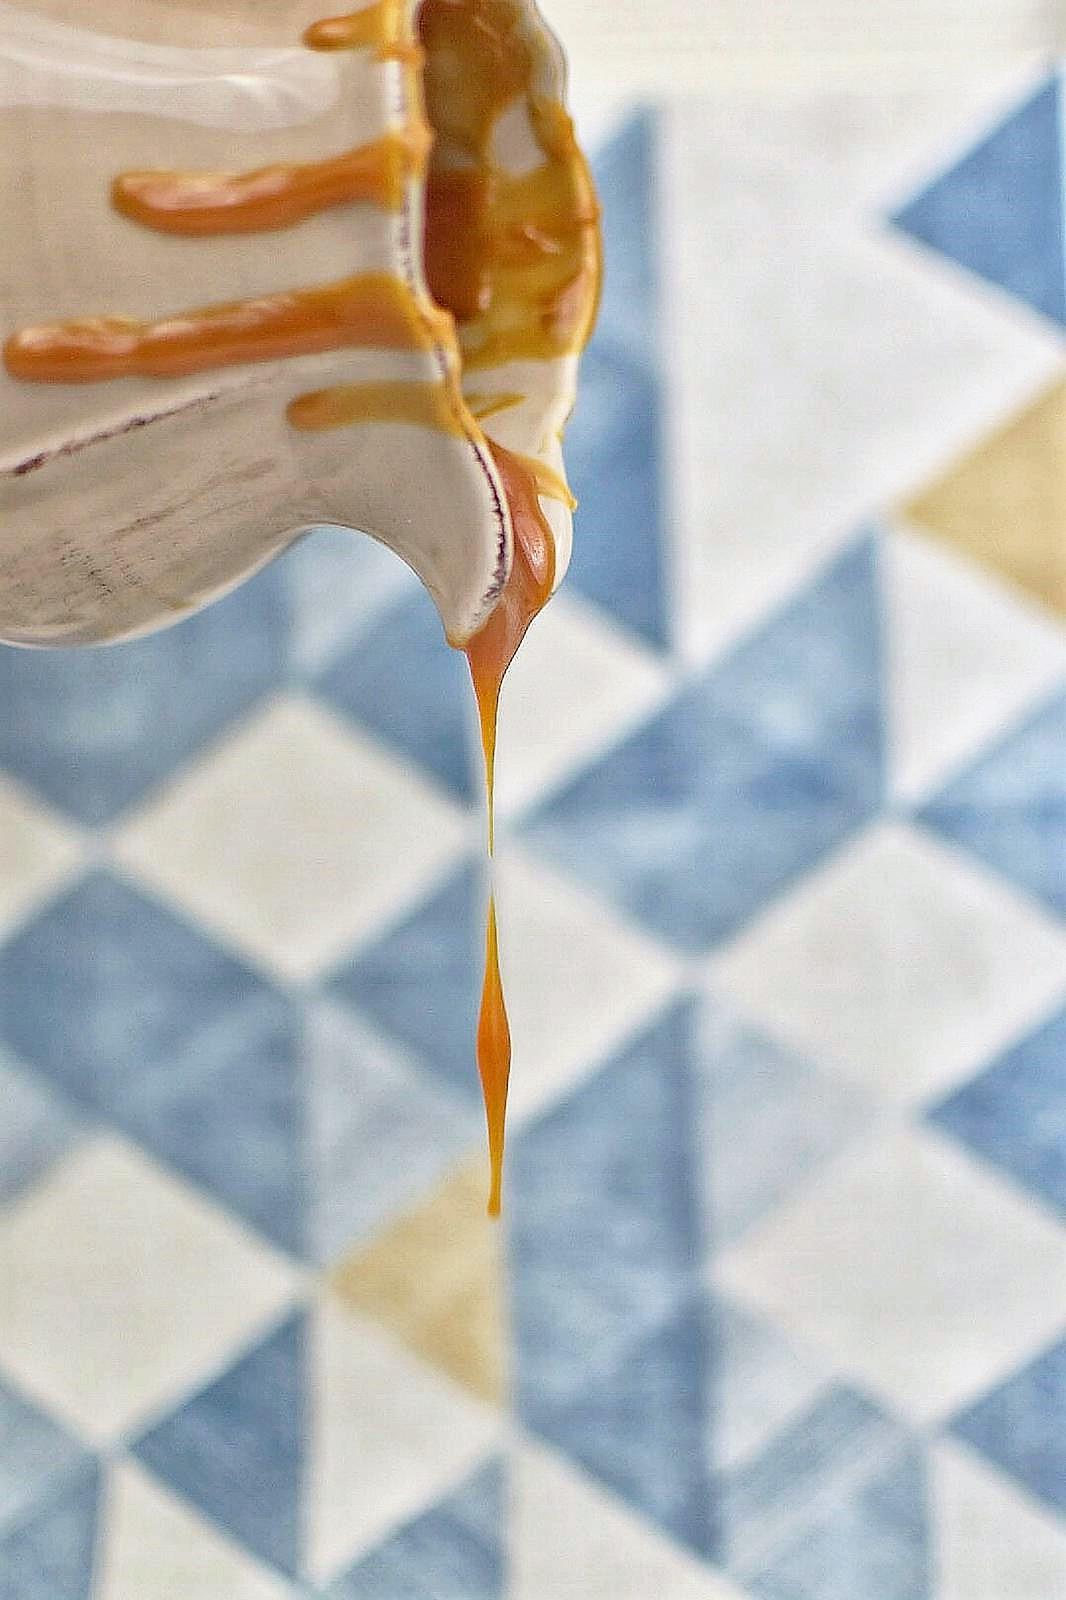 caramel au beurre salé - recette- oh-vava-evivi